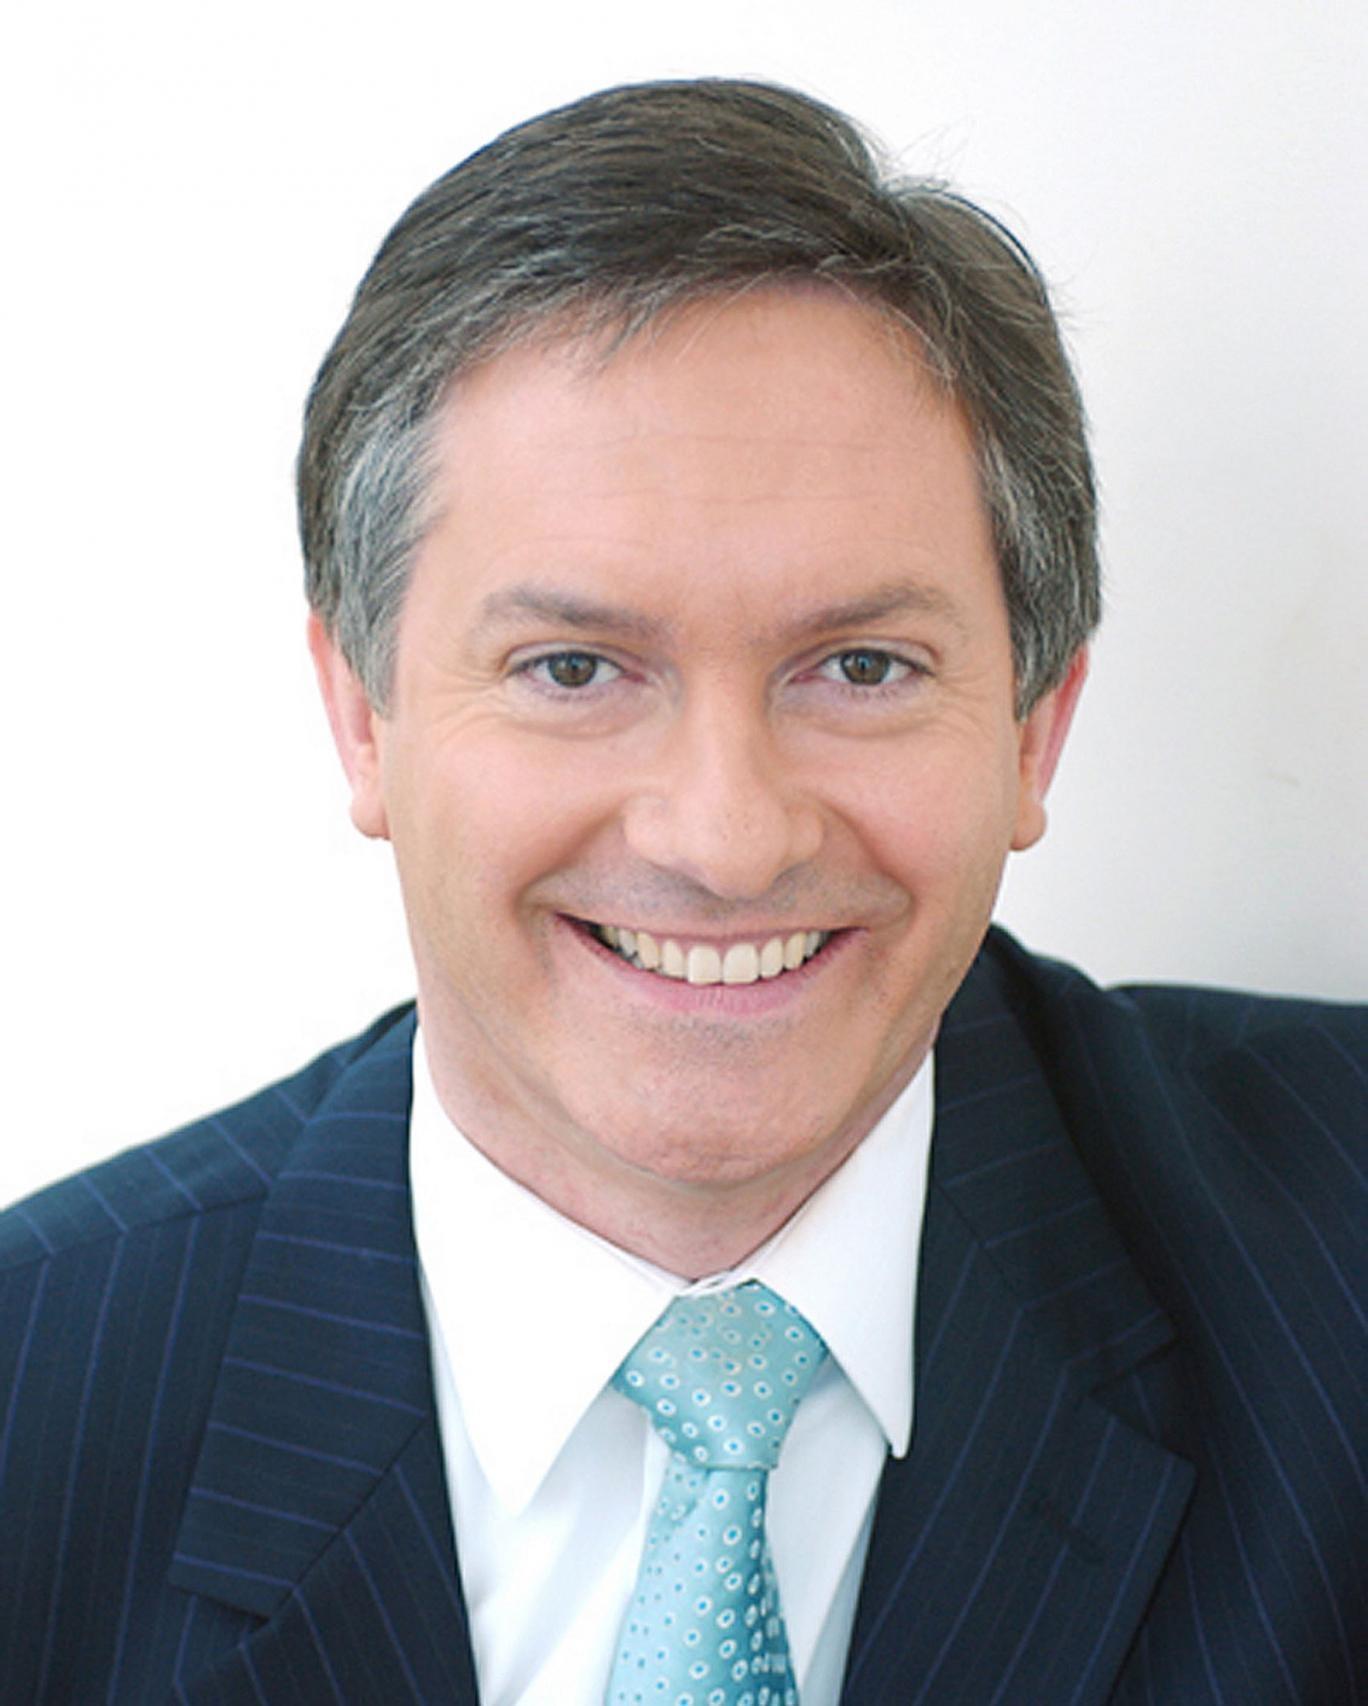 BBC newsreader Simon McCoy